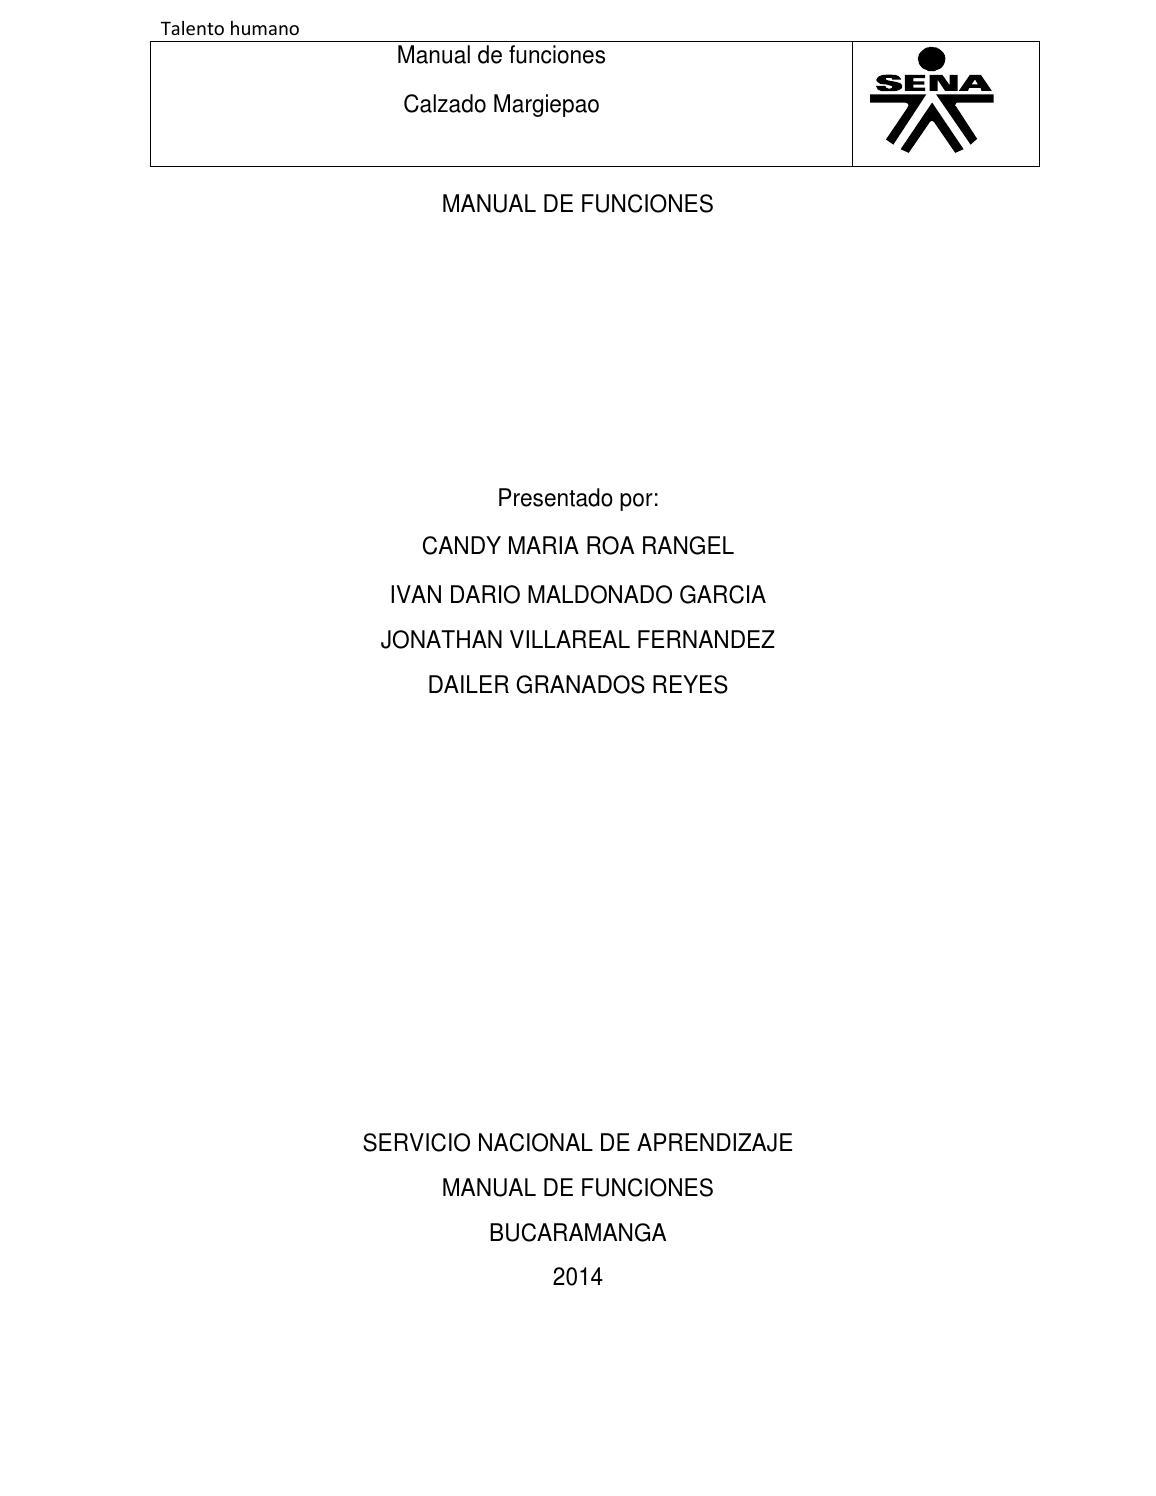 Manual de funciones zapateria margiepao by IVAN DARIO MALDONADO ...